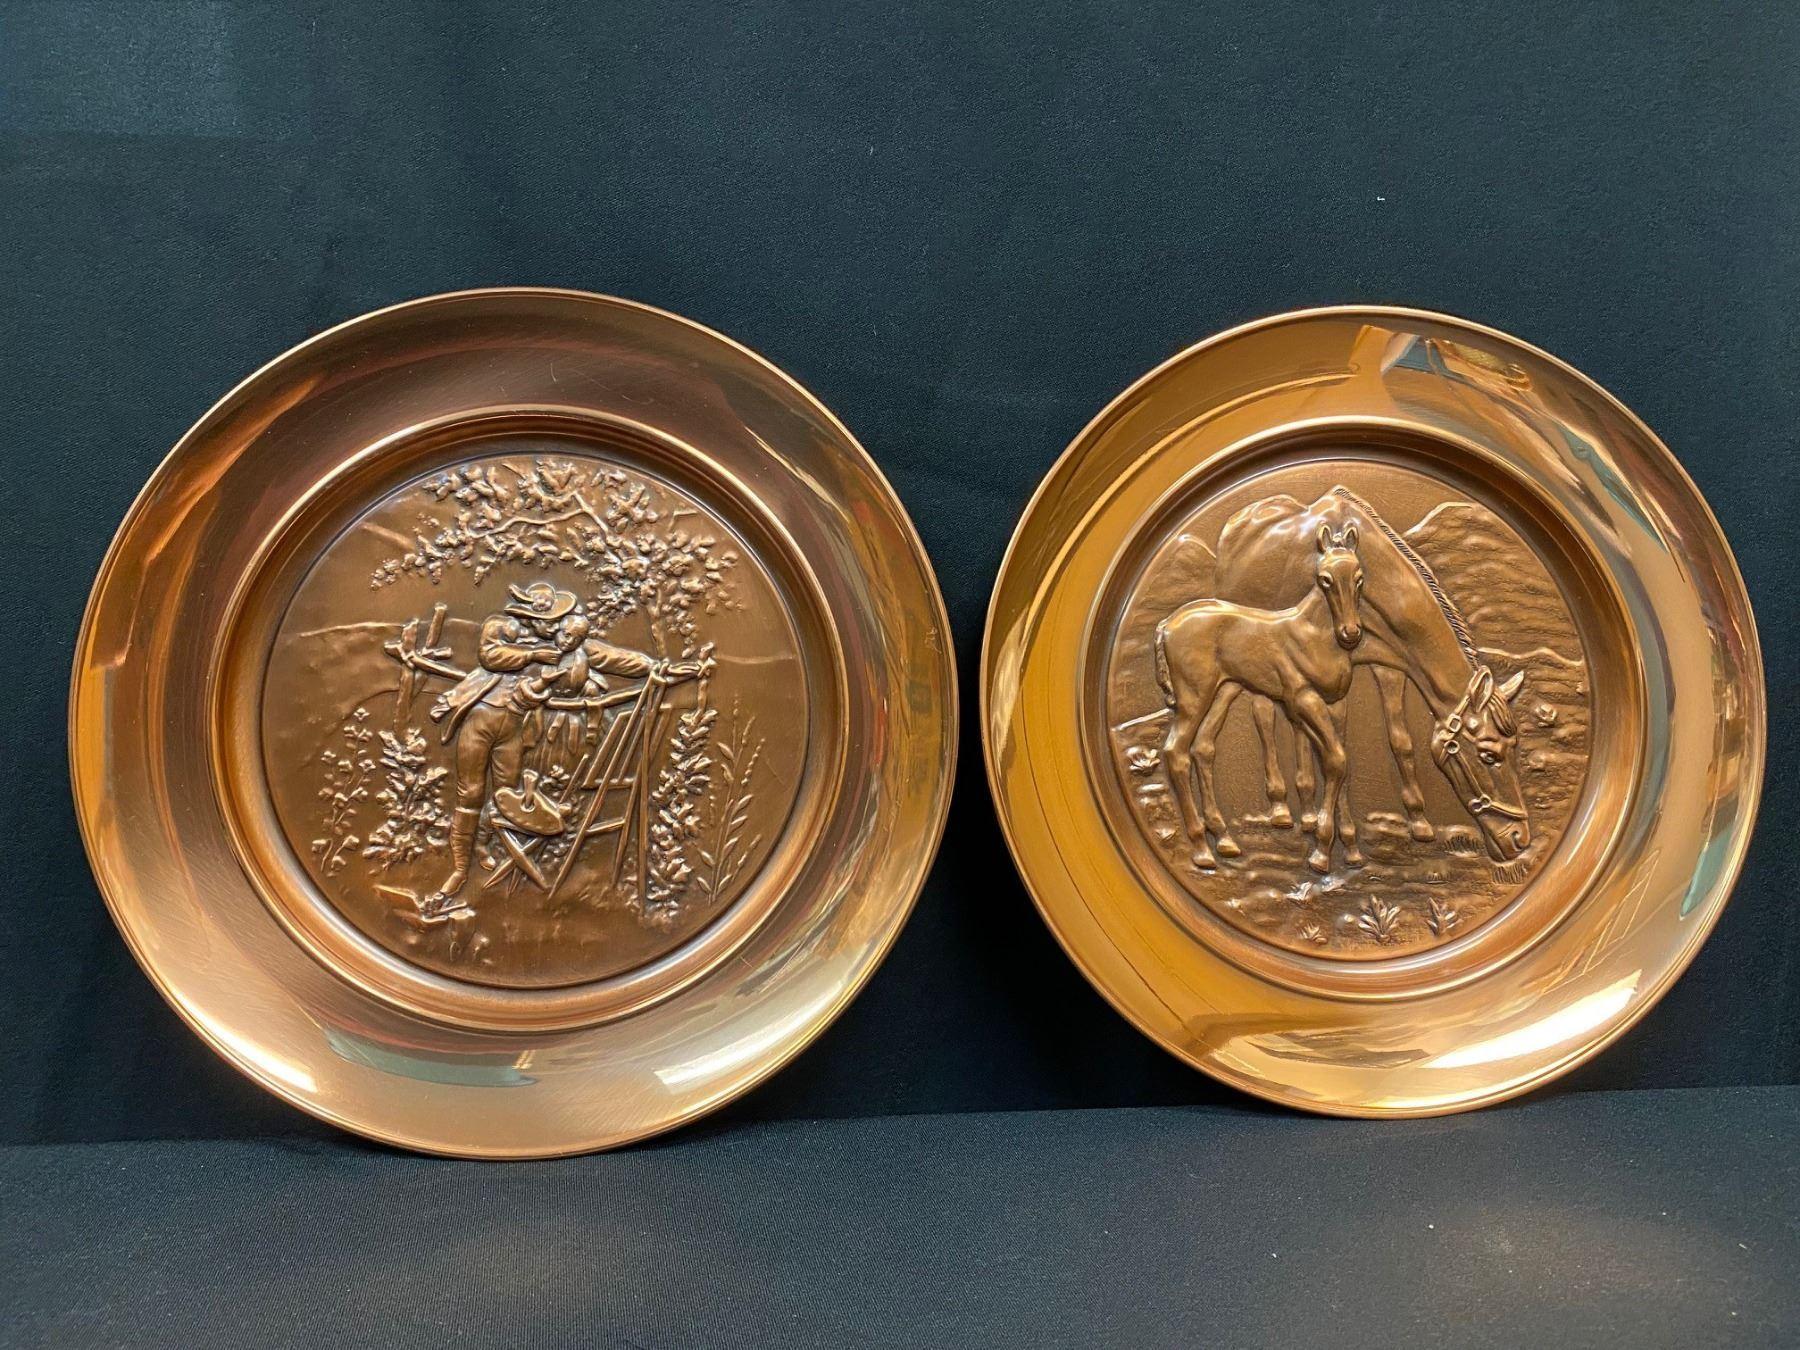 Copper Wall Decor Plates